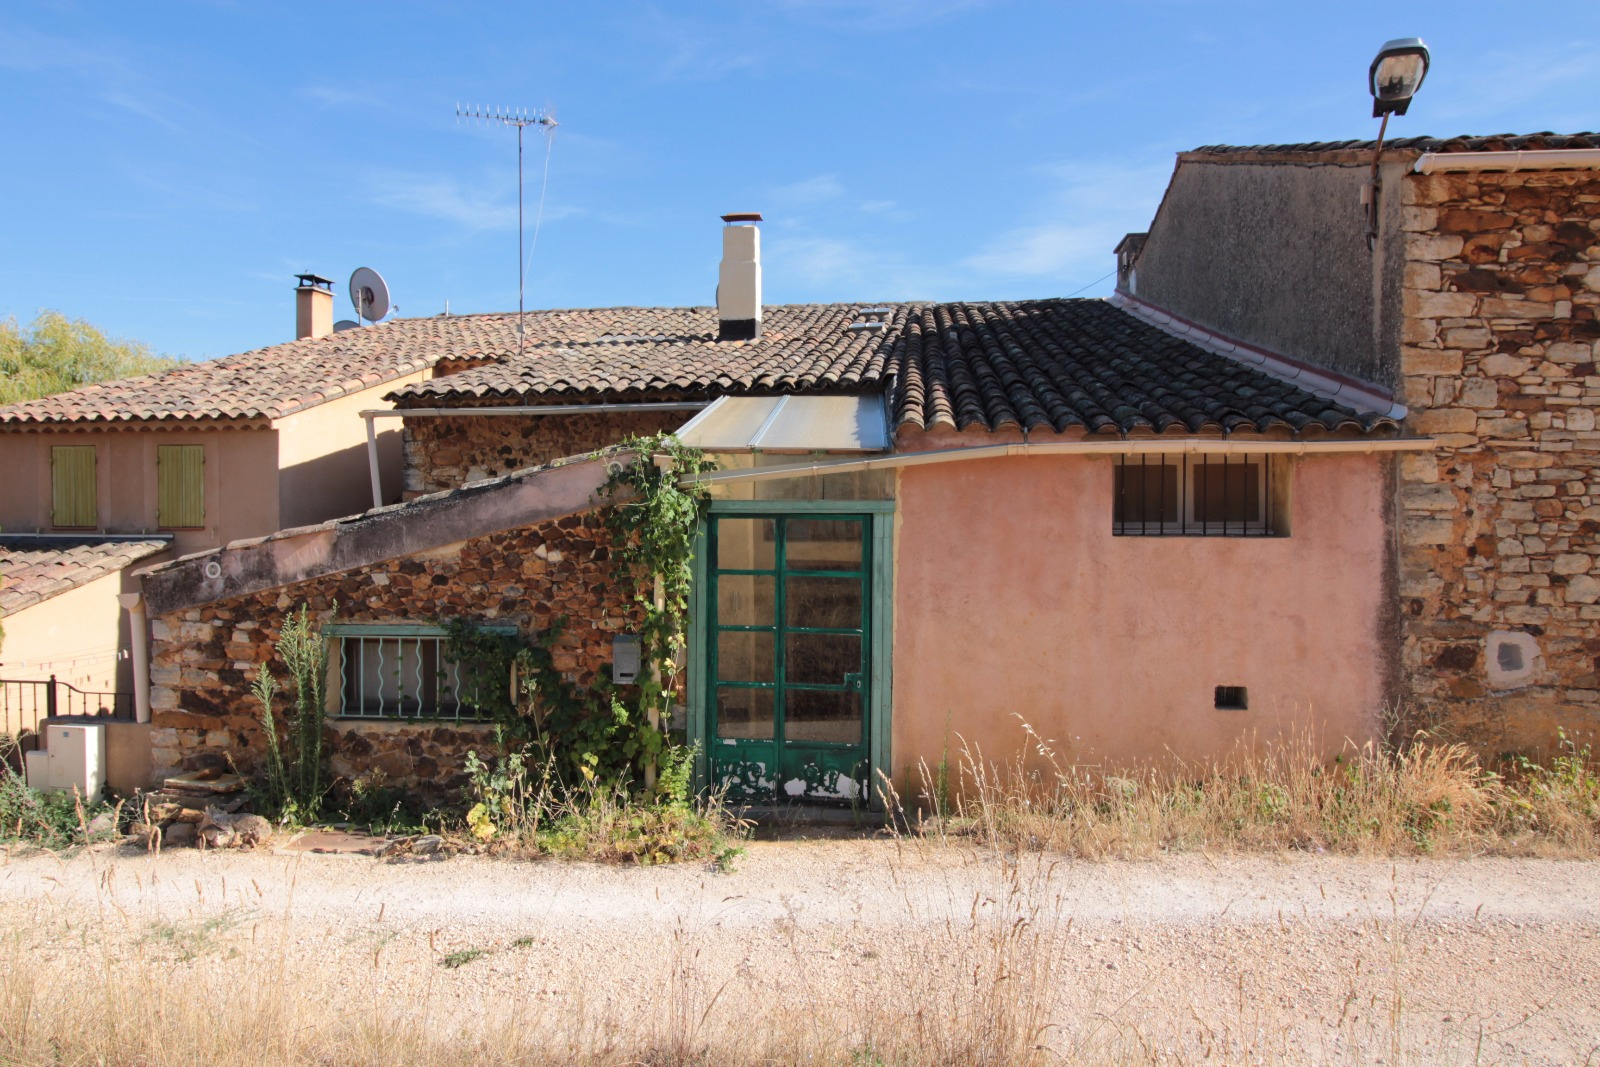 Vente maison/villa 3 pièces villars 84400